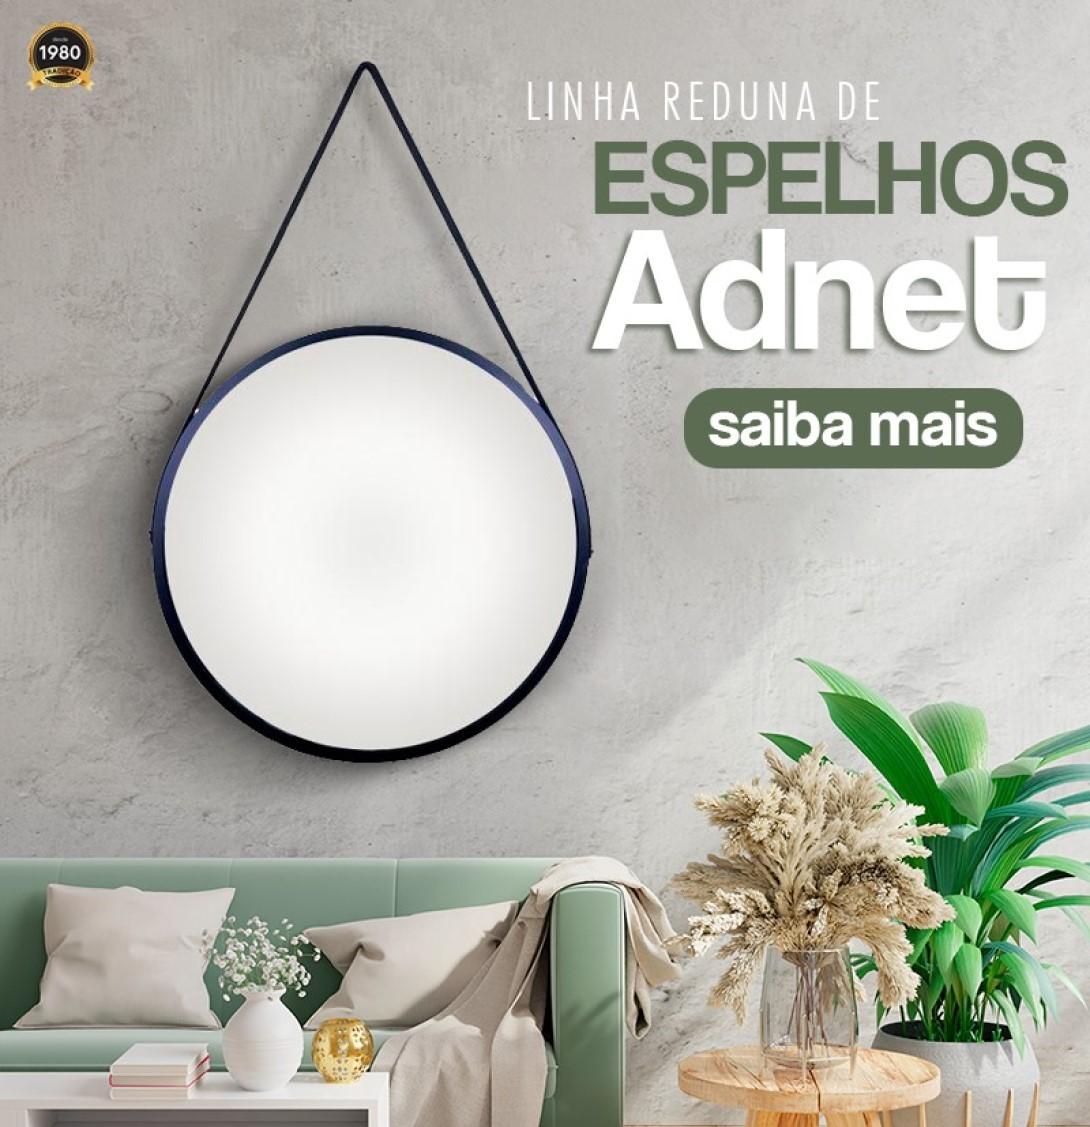 Espelho Led frio Adnet 60cm preto Alça preto